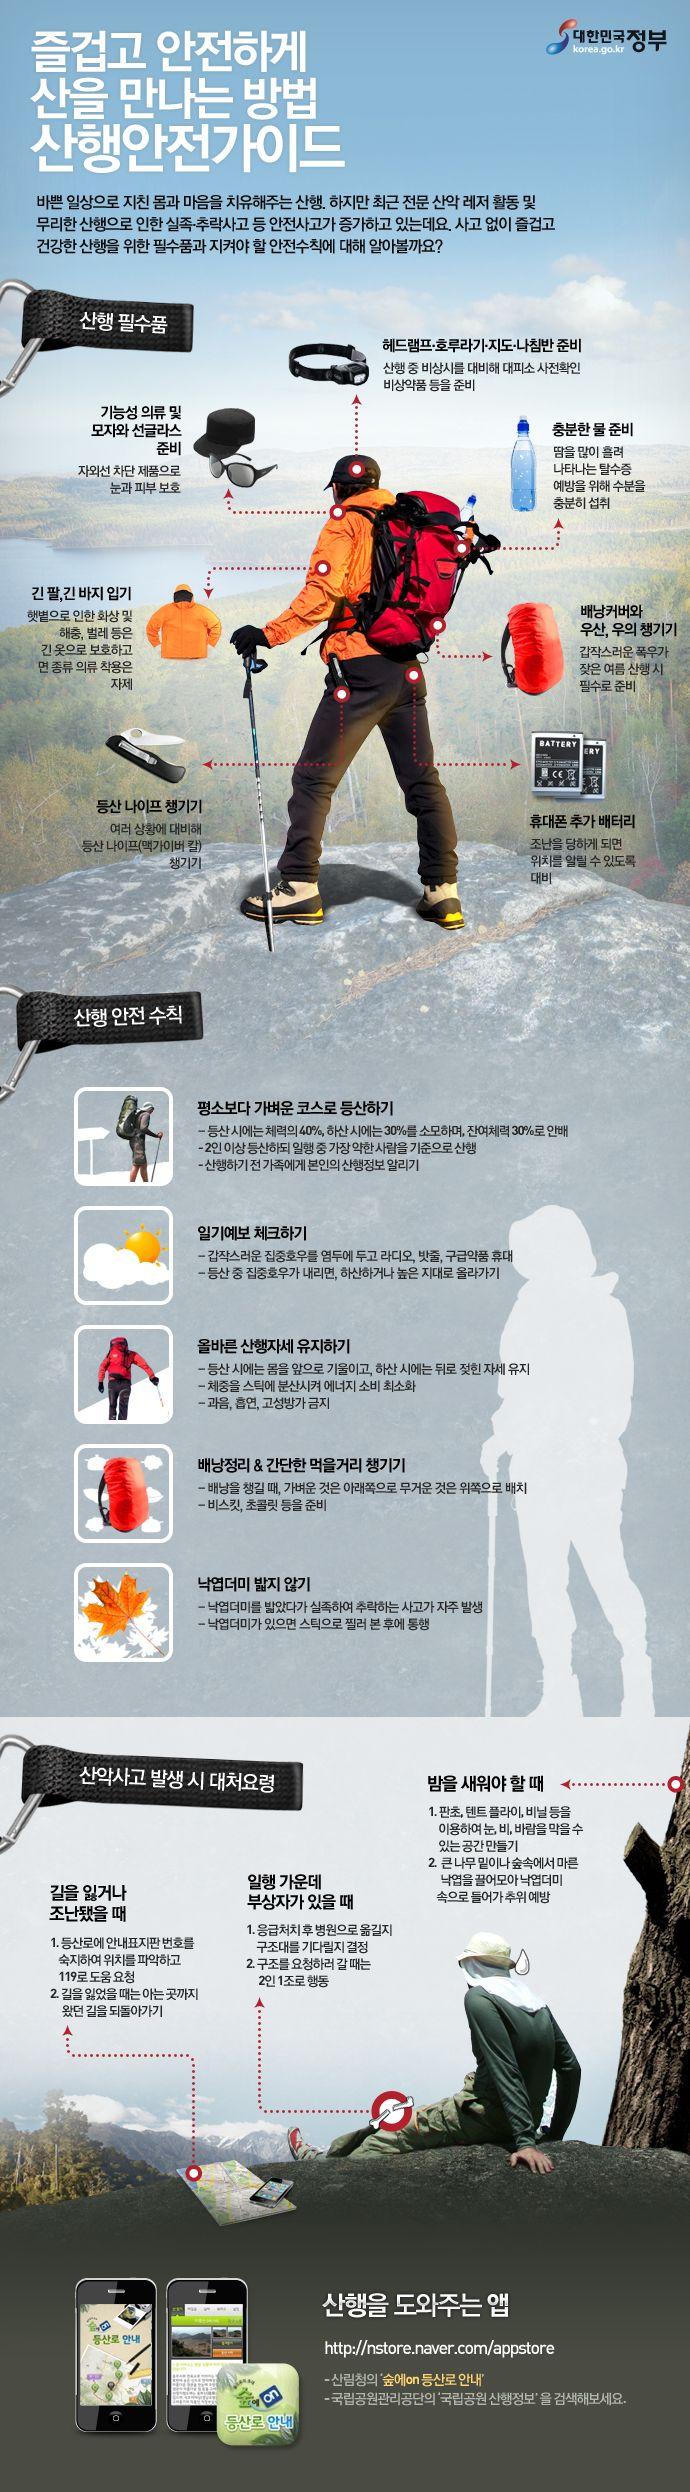 [Infographic] 즐겁고 안전한 등산을 위해! '산행 안전 가이드'에 관한 인포그래픽